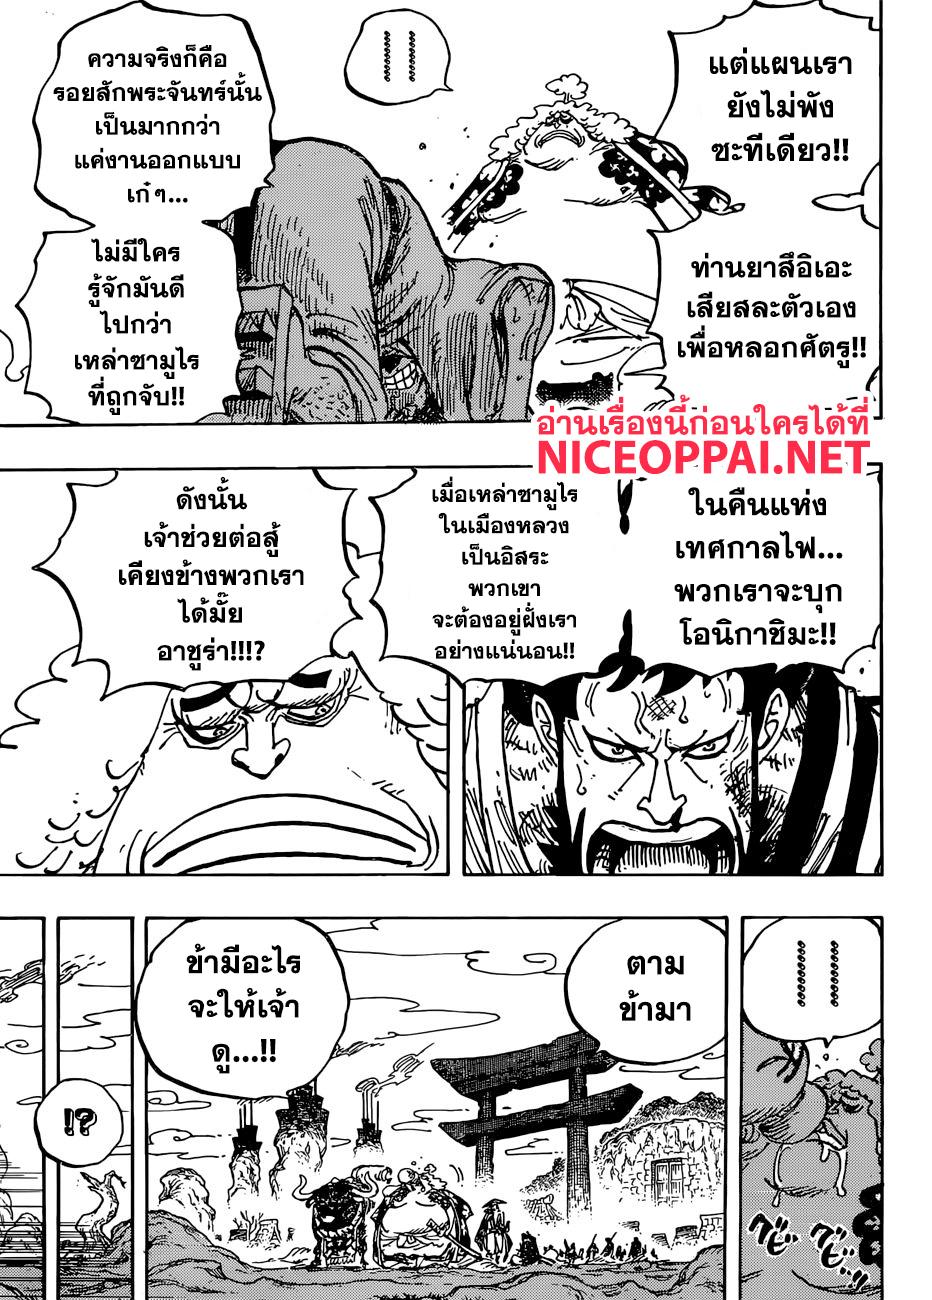 อ่านการ์ตูน One Piece ตอนที่ 945 หน้าที่ 13